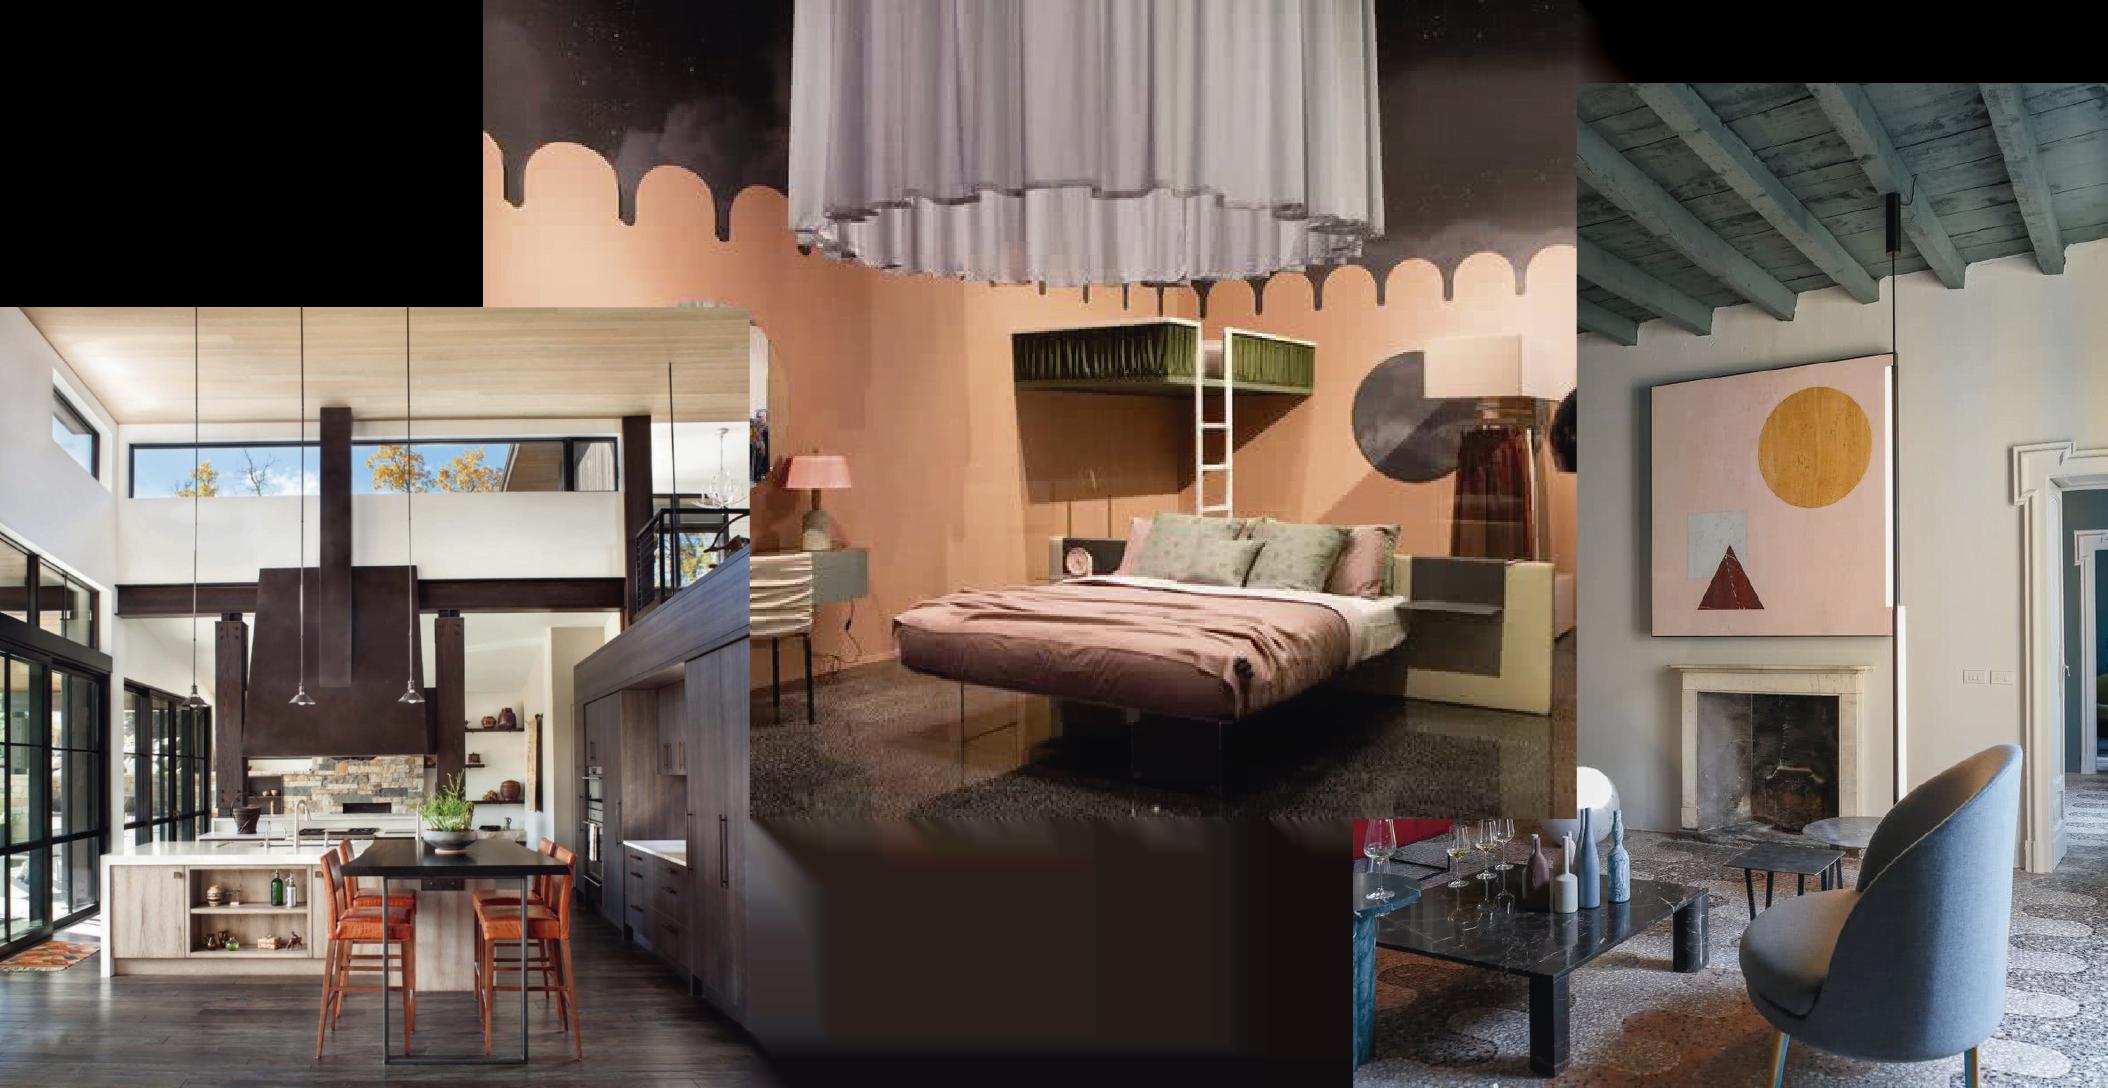 Los interiores en el 2018 han tomado un rumbo más minimalista ...